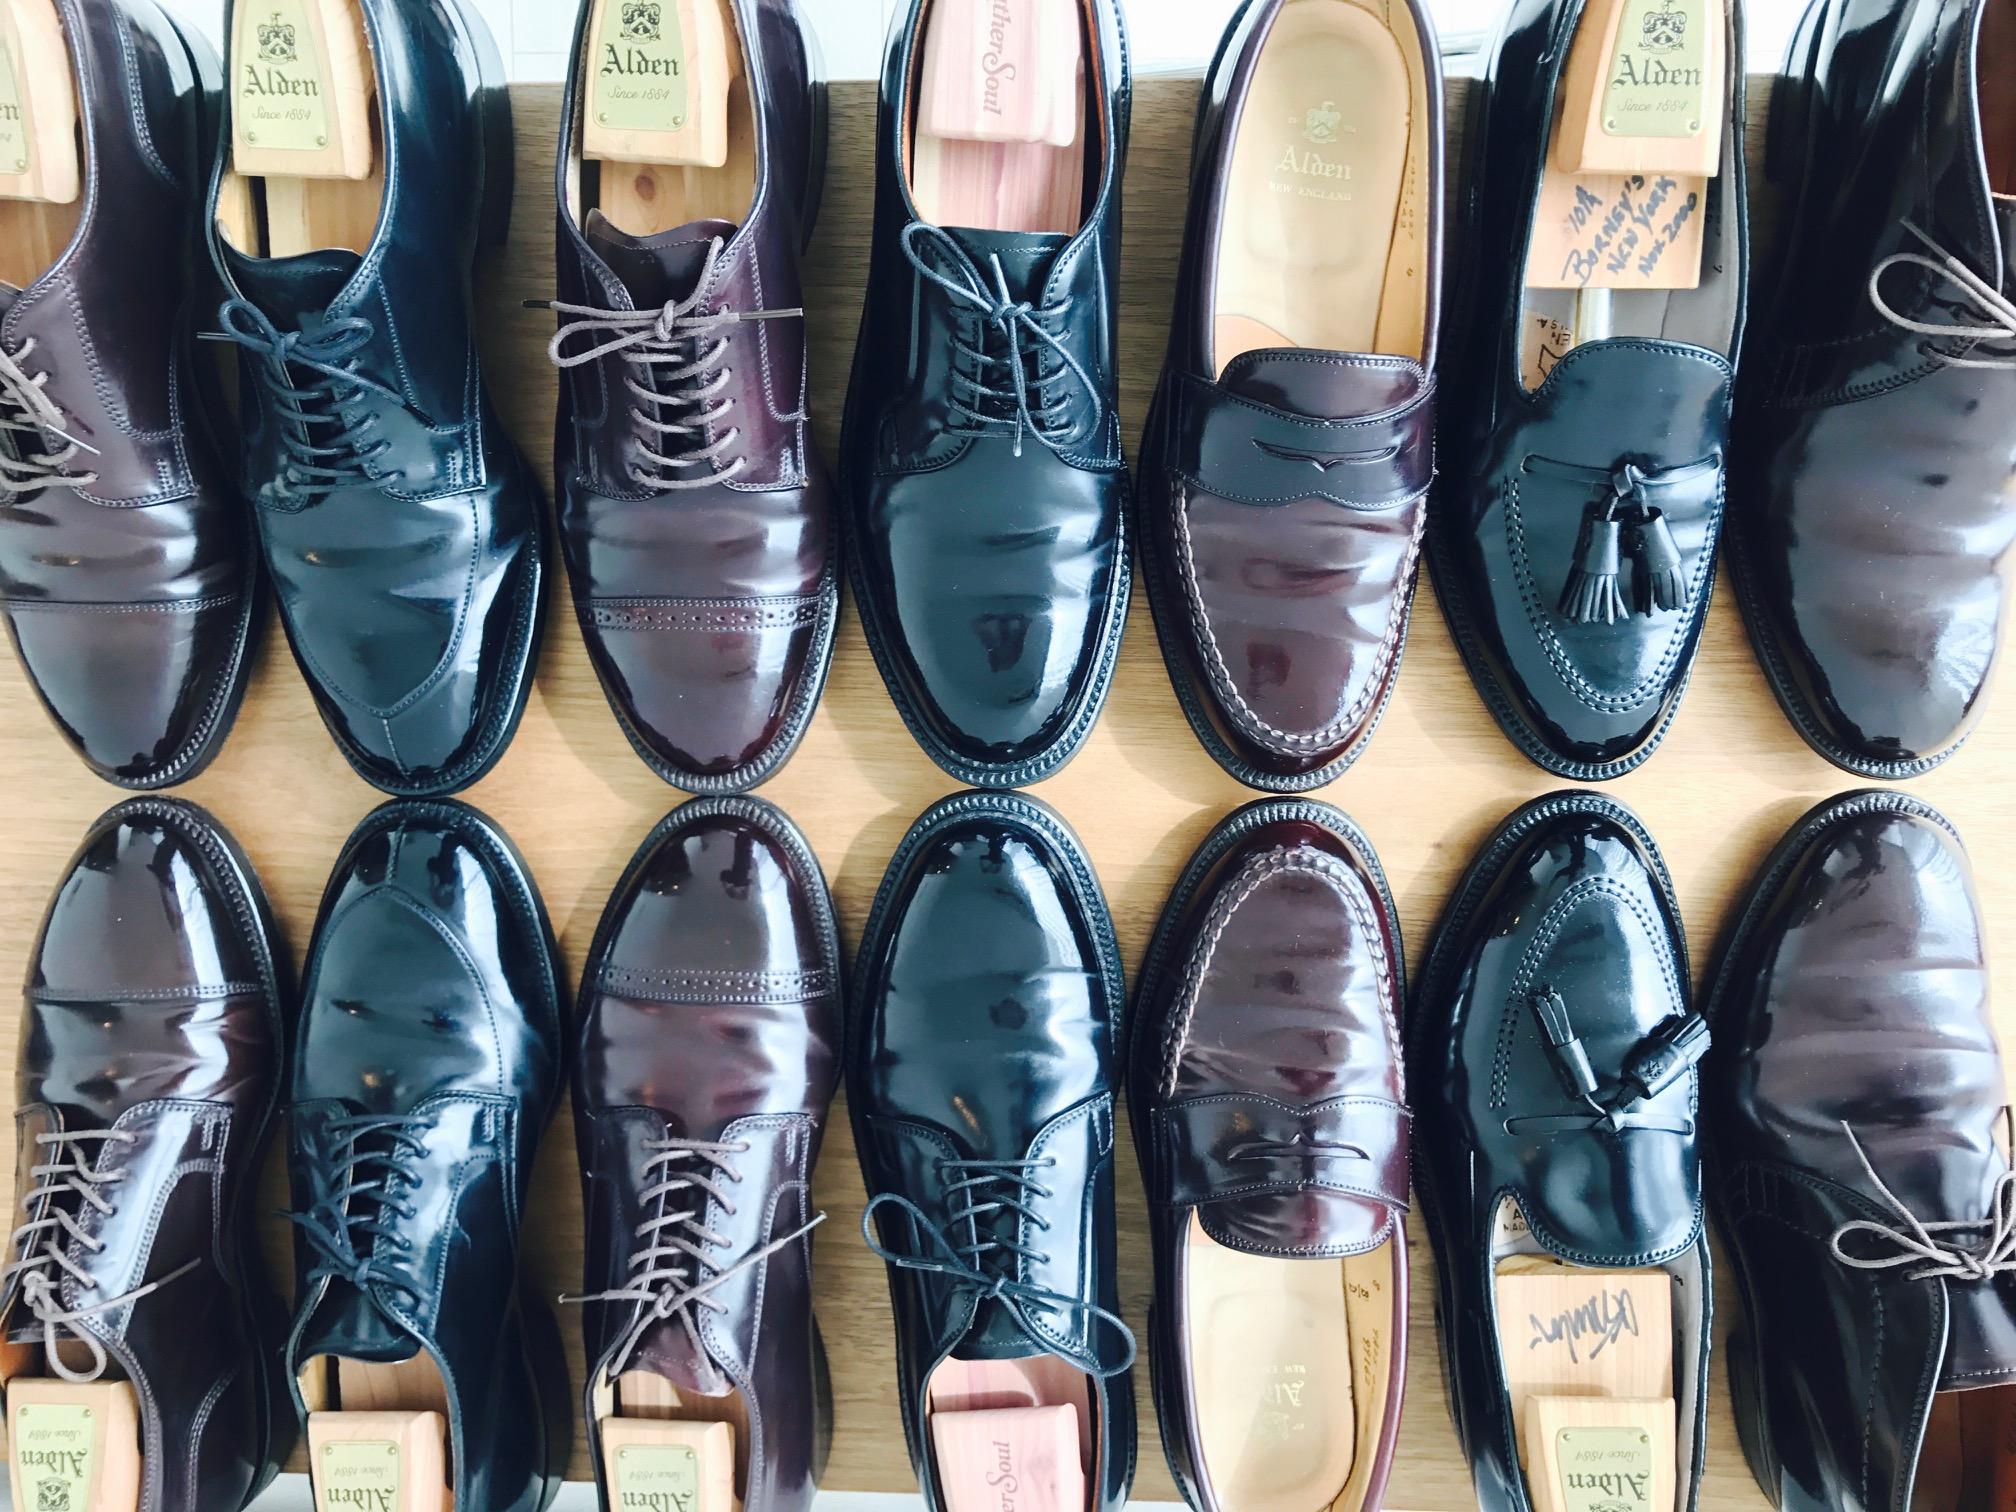 Alden Army Color8 x Black Cordovan!